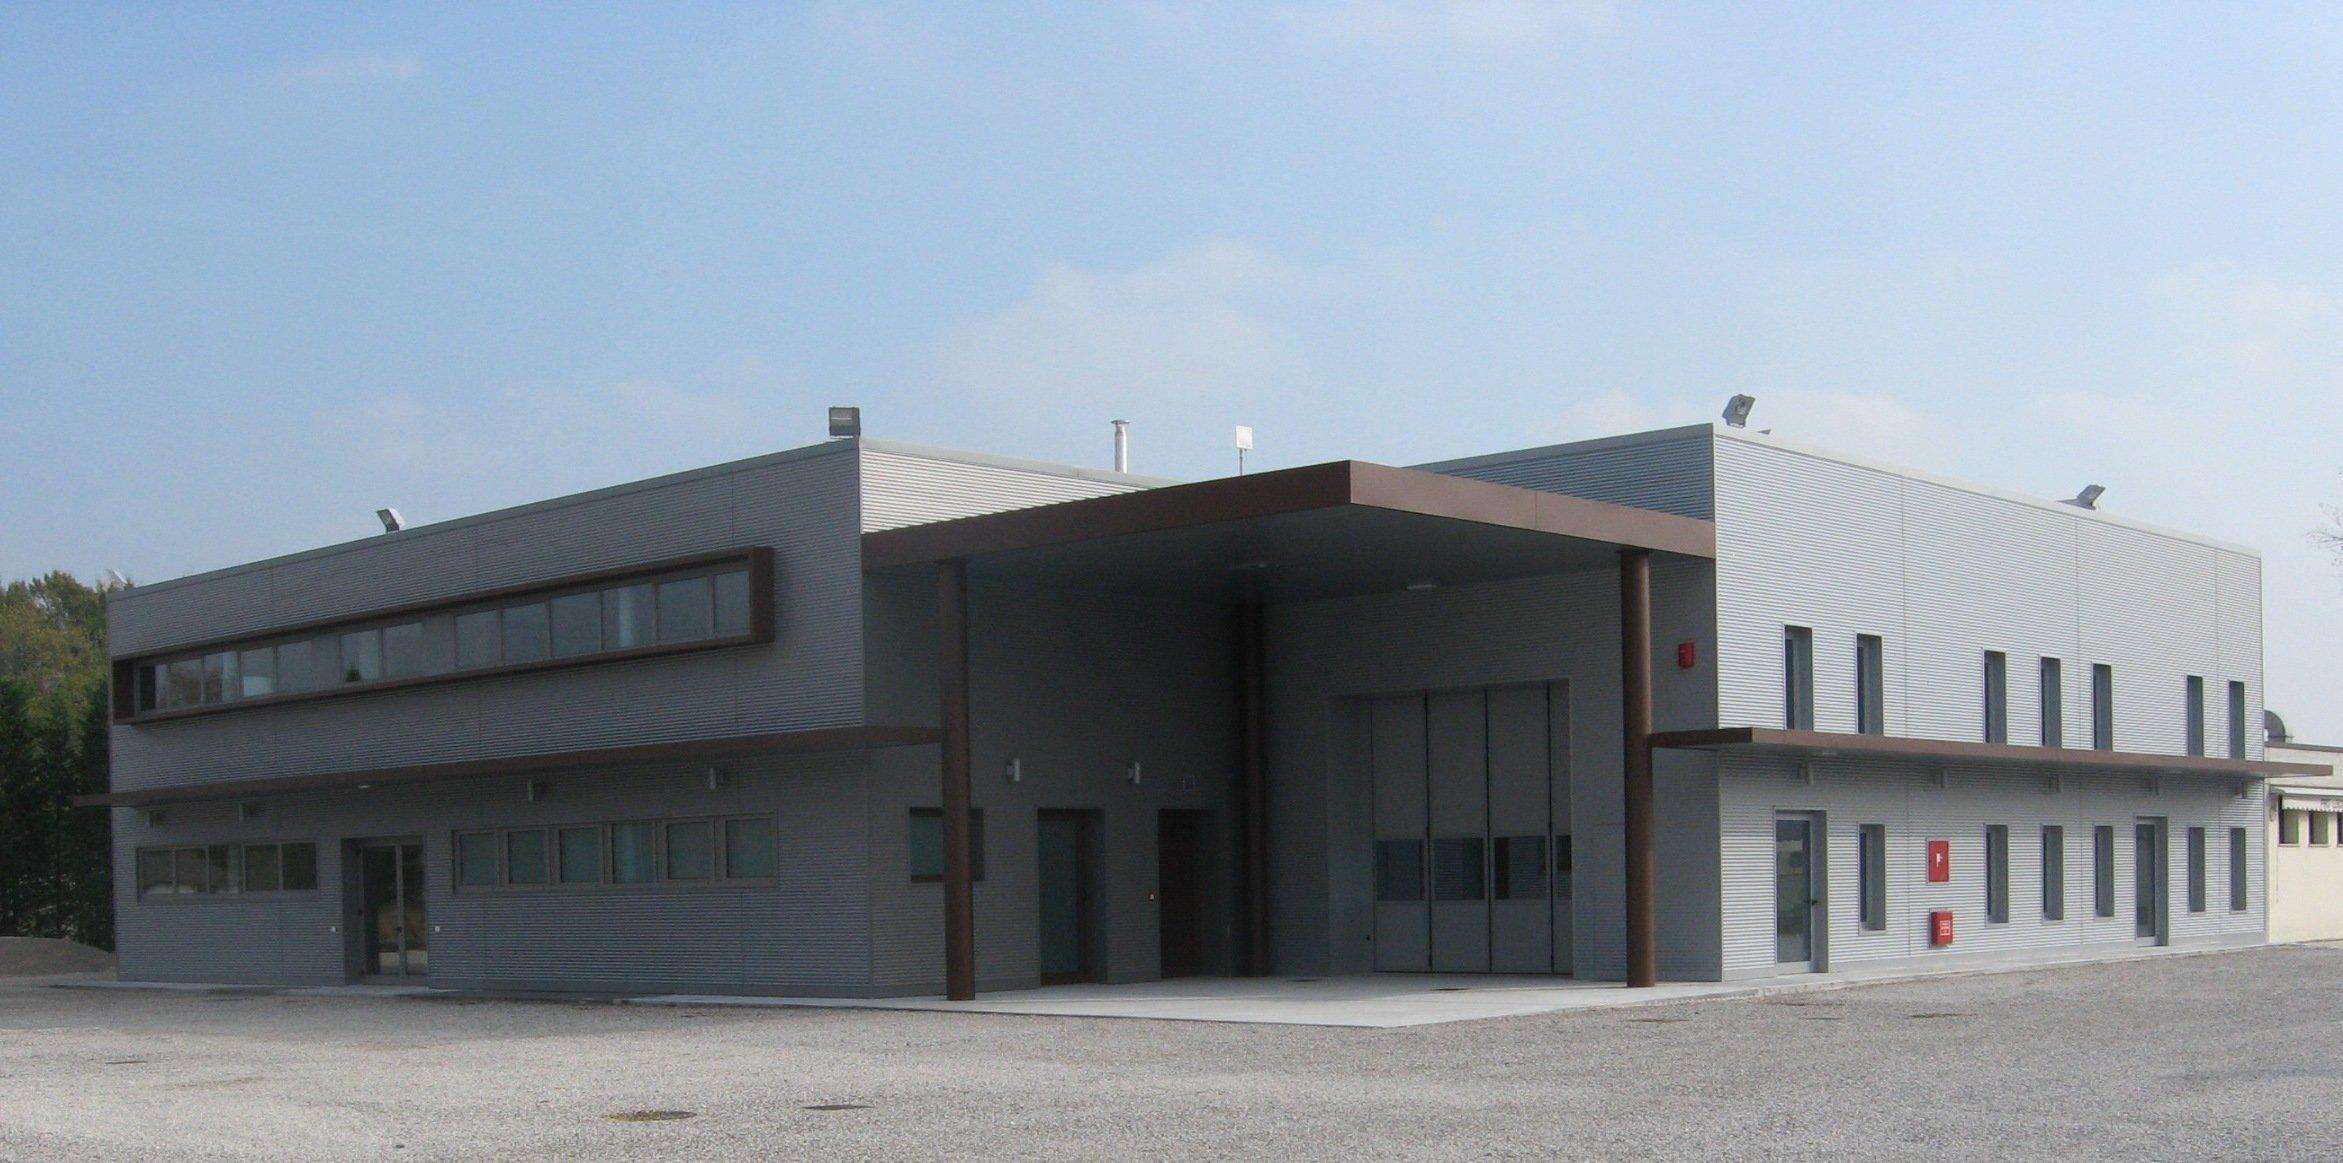 Centro Polifunzionale - Mosnigo (TV)